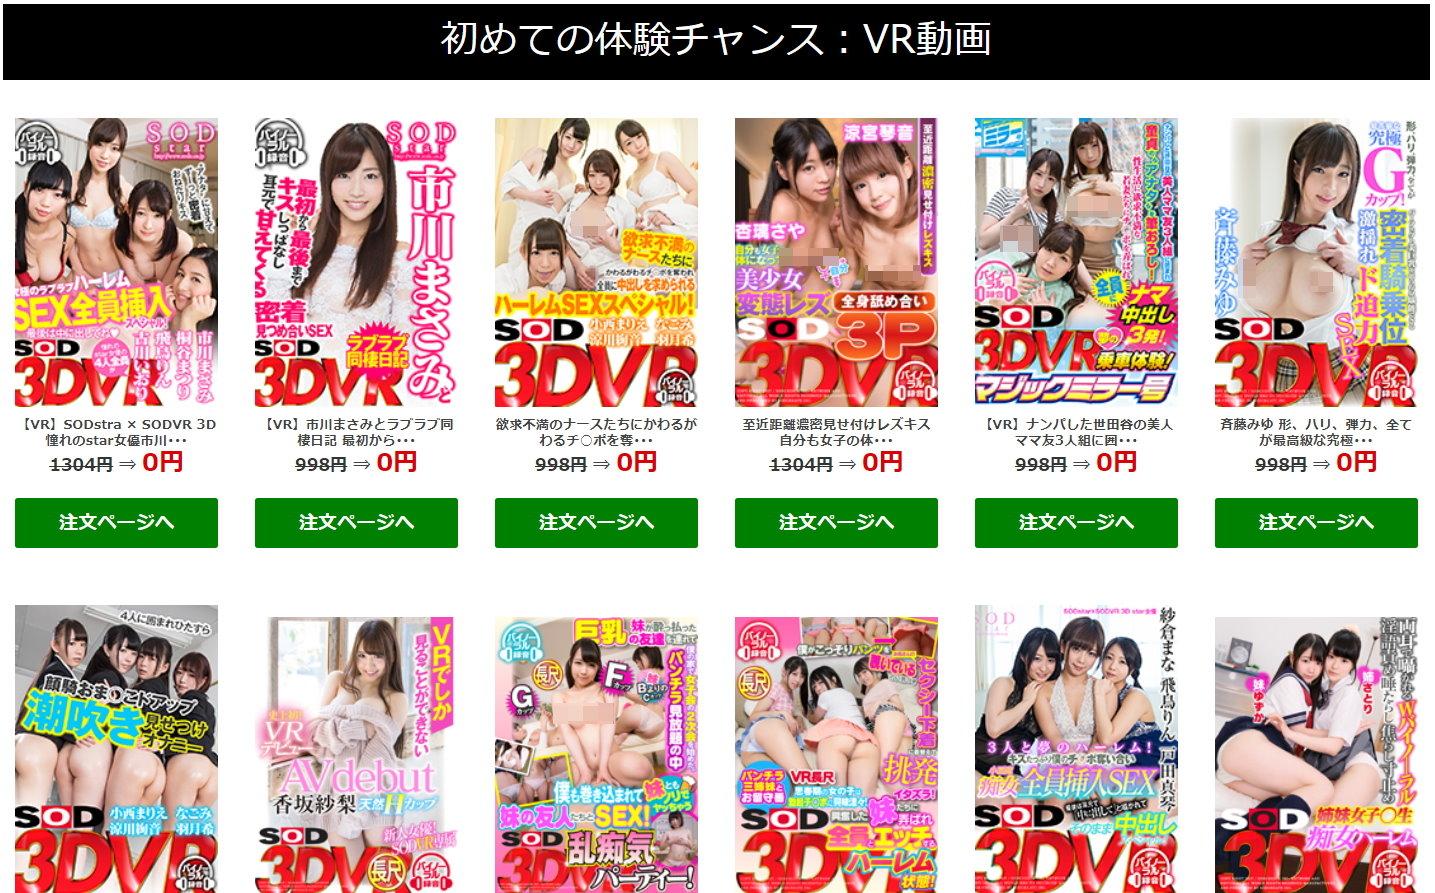 图片[2]-日本影片公司SOD助力抗击疫情,200部爱情动作片免费看-福利巴士